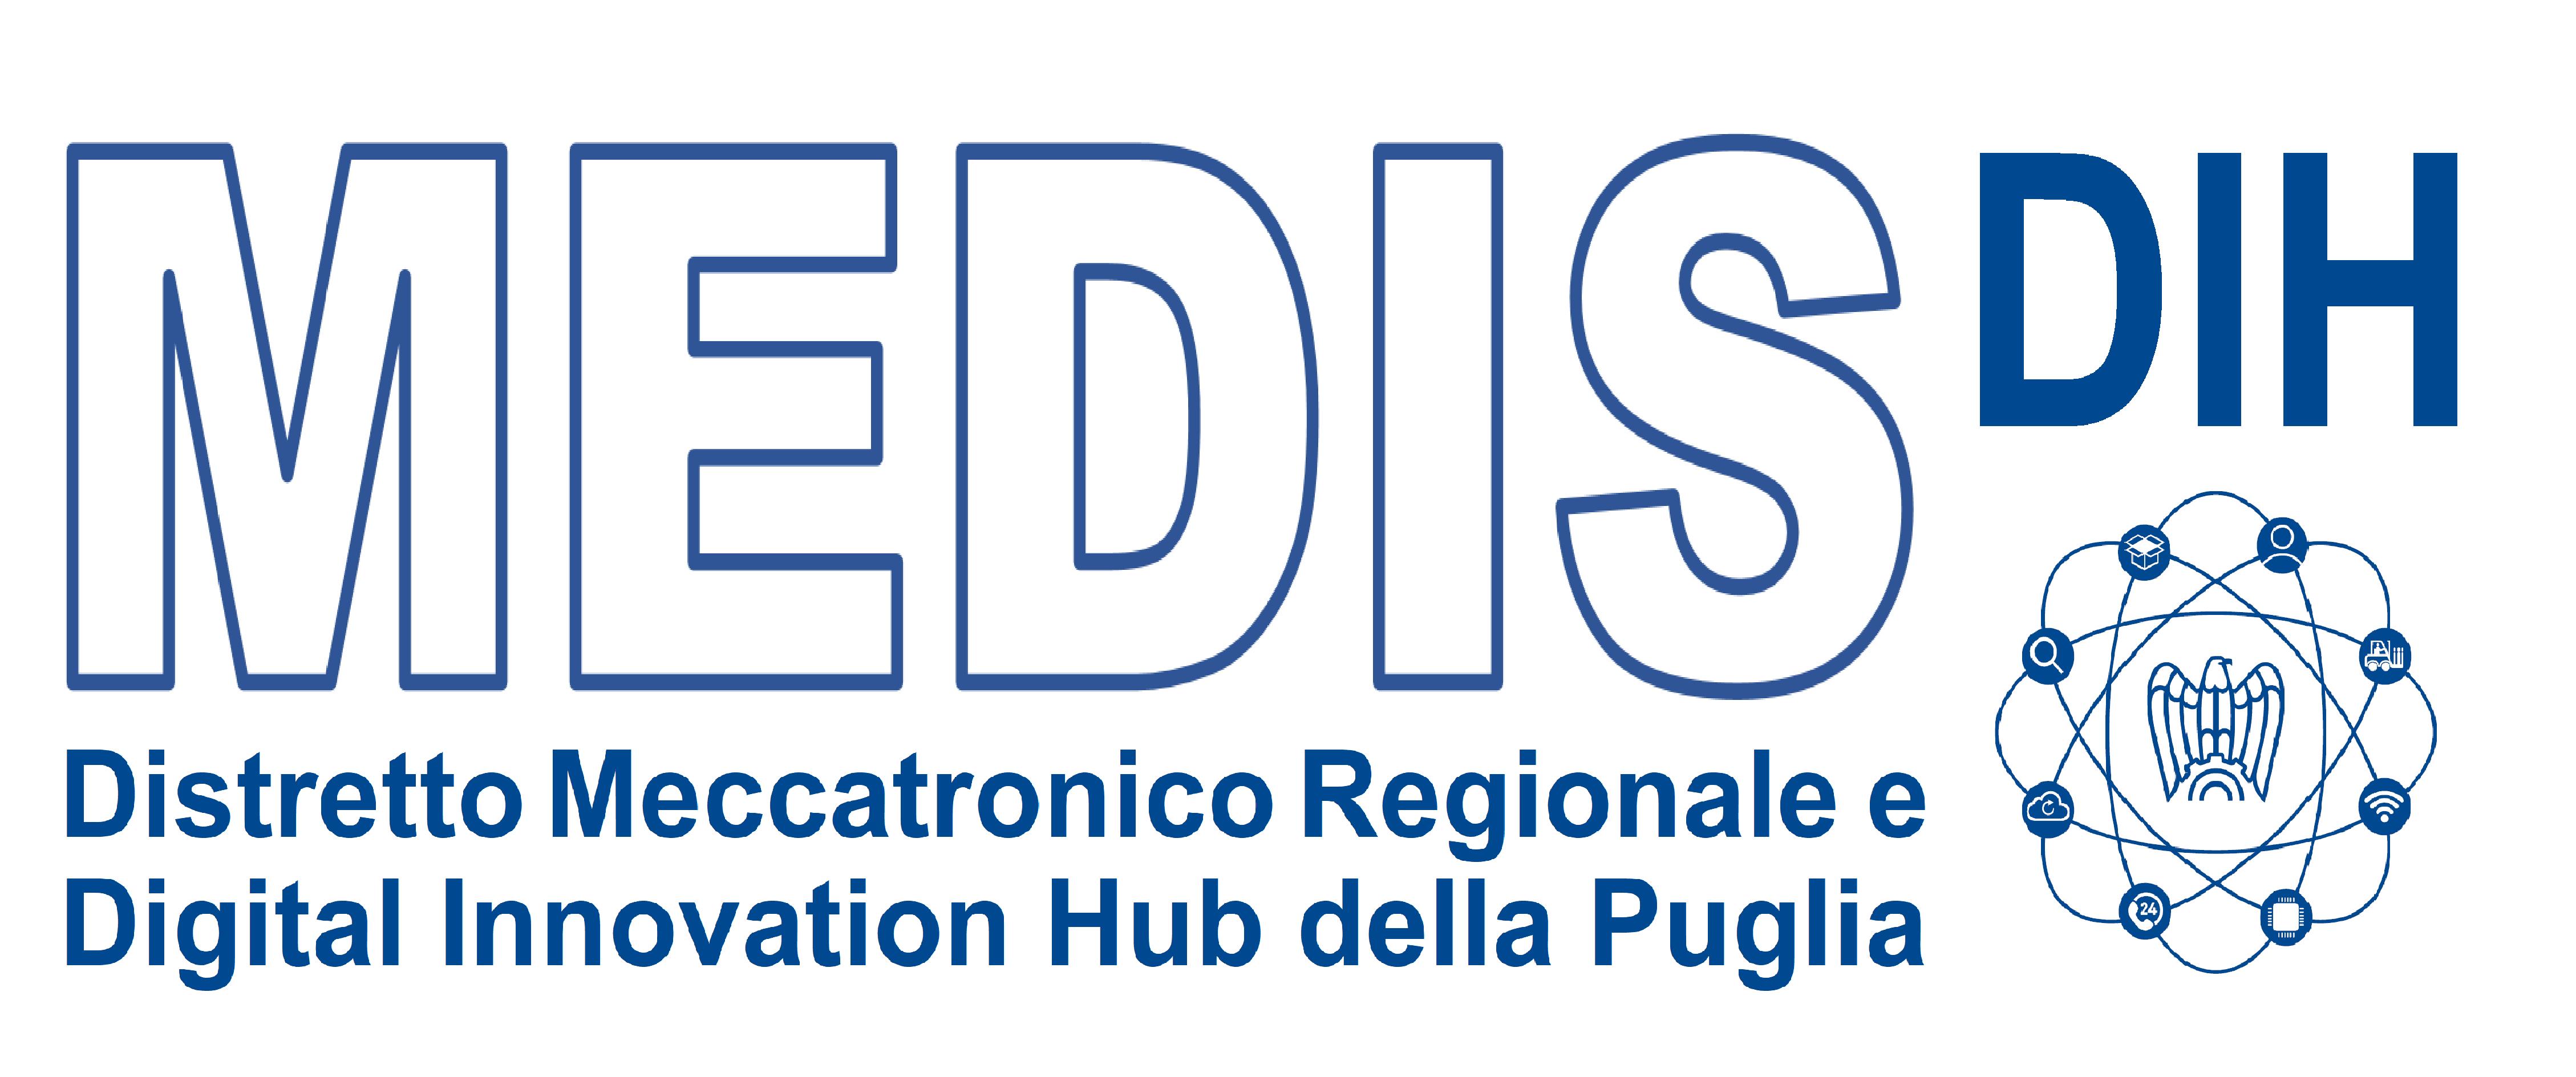 Distretto Meccatronico Regionale e Digital Innovation Hub della Puglia - MEDISDIH Scarl